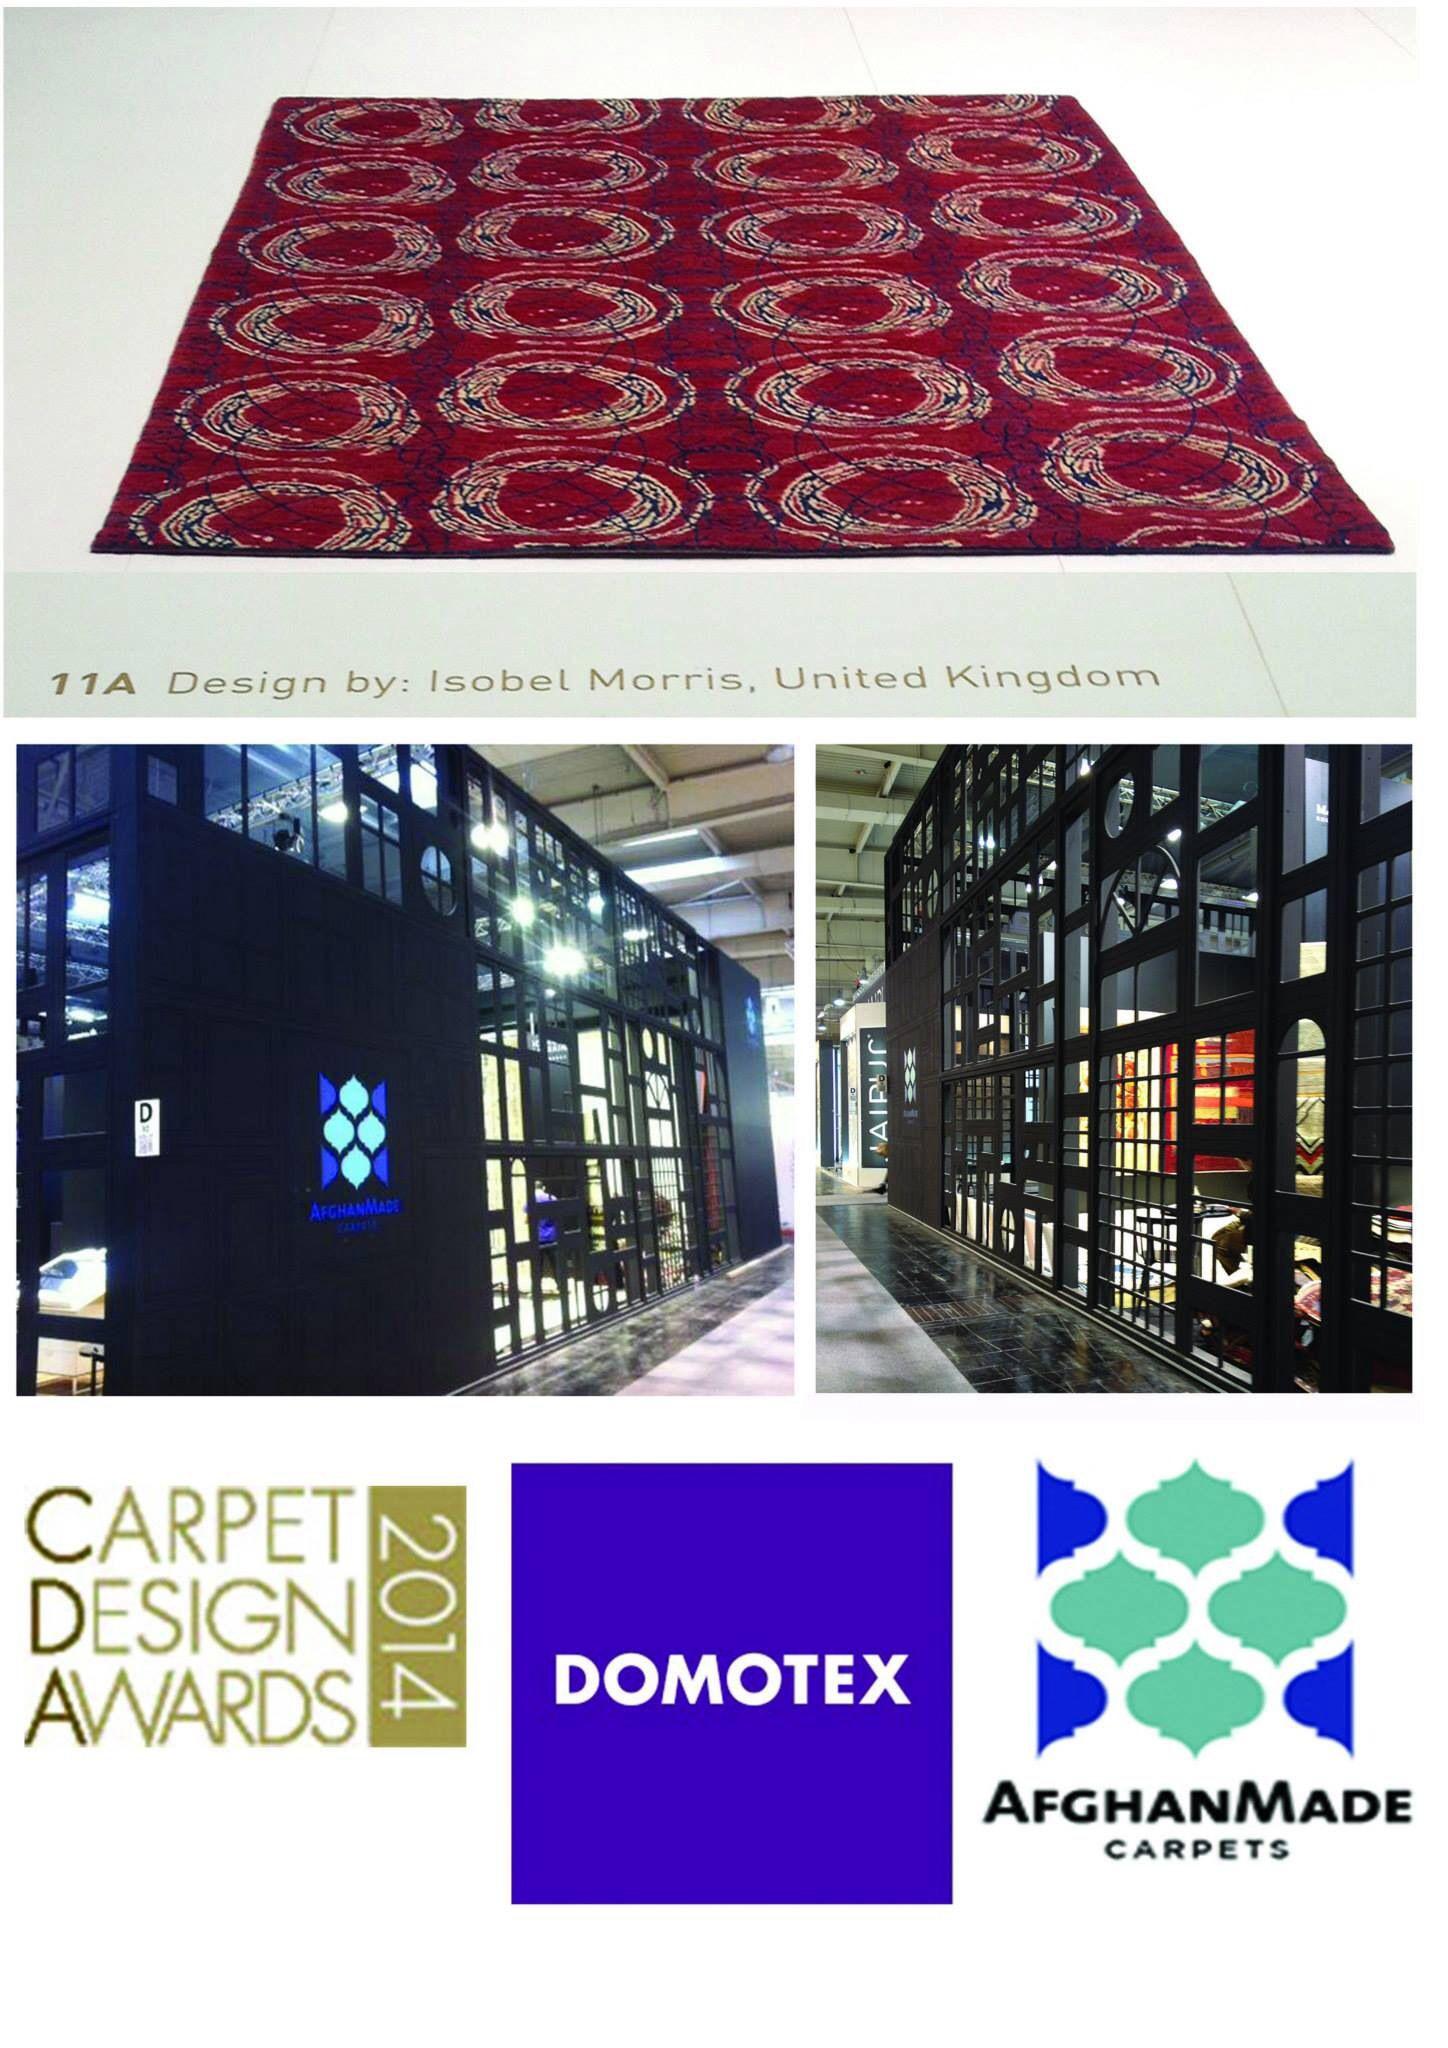 'Monarch' carpet design. Isobel Morris finalist for AfghanMade, CArpet Design Awards at DOMOTEX 2014.